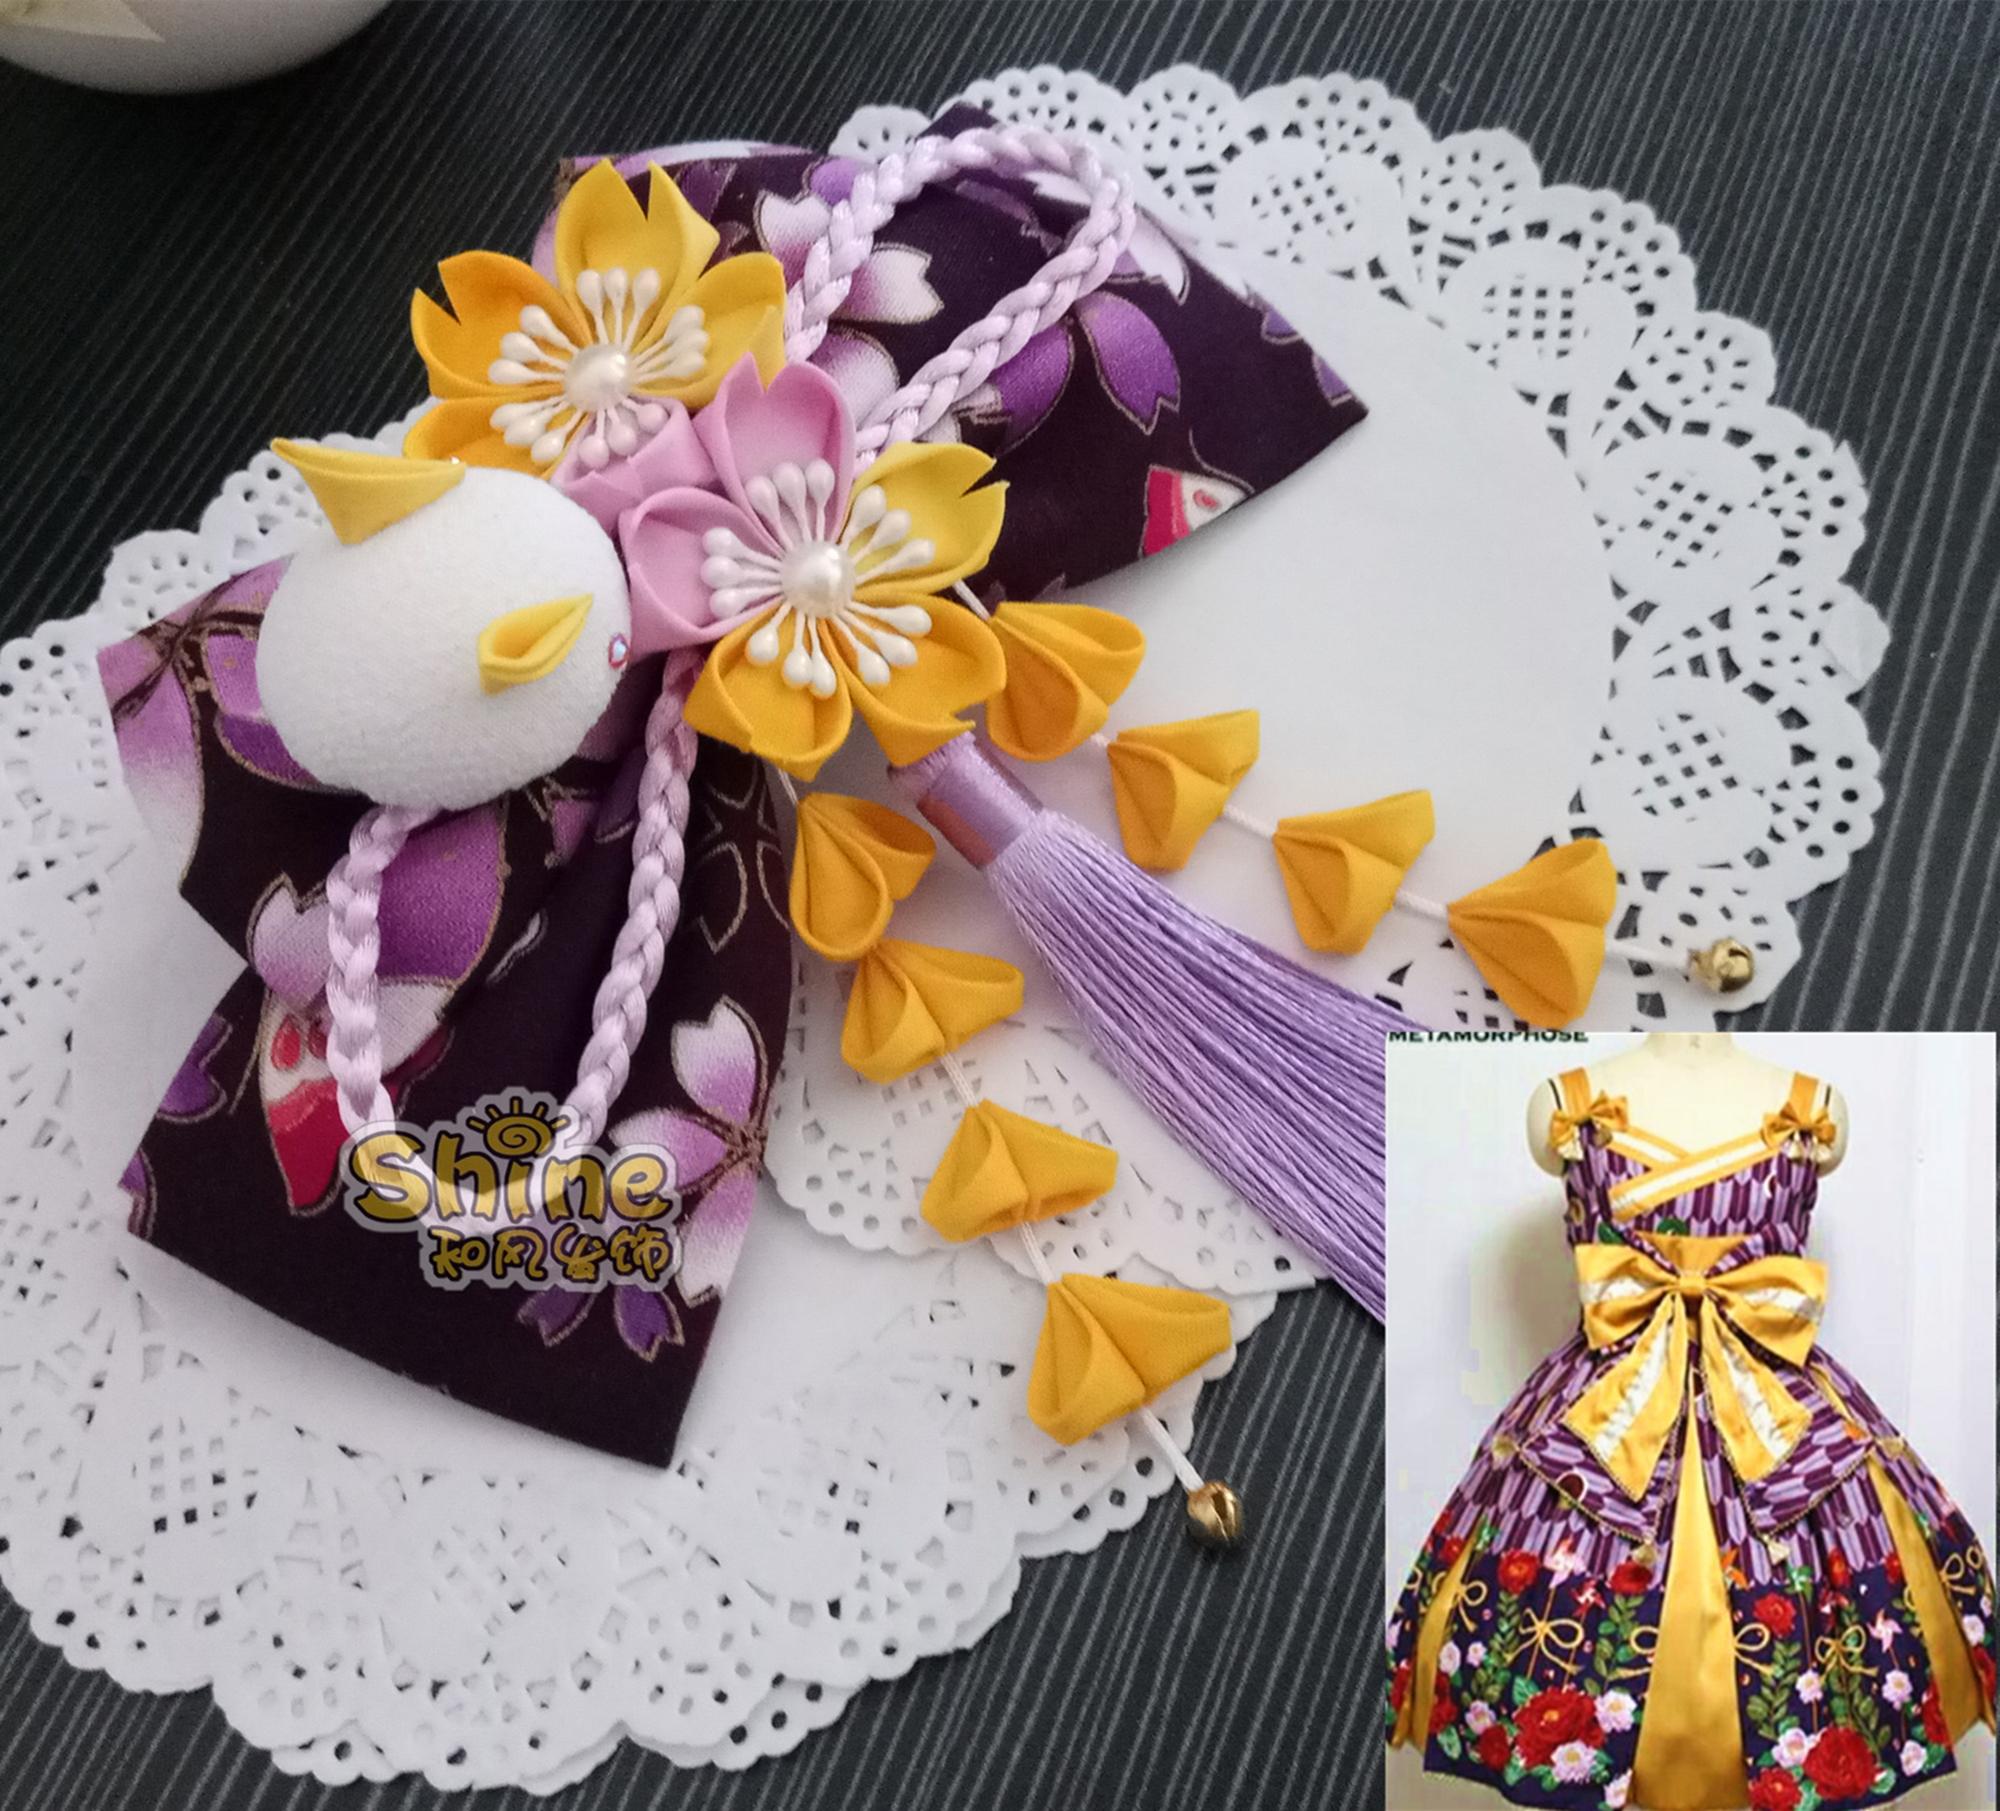 Meta小町和风jsk和服紫色头饰 洛丽塔蝴蝶结发夹日式手作发饰包邮